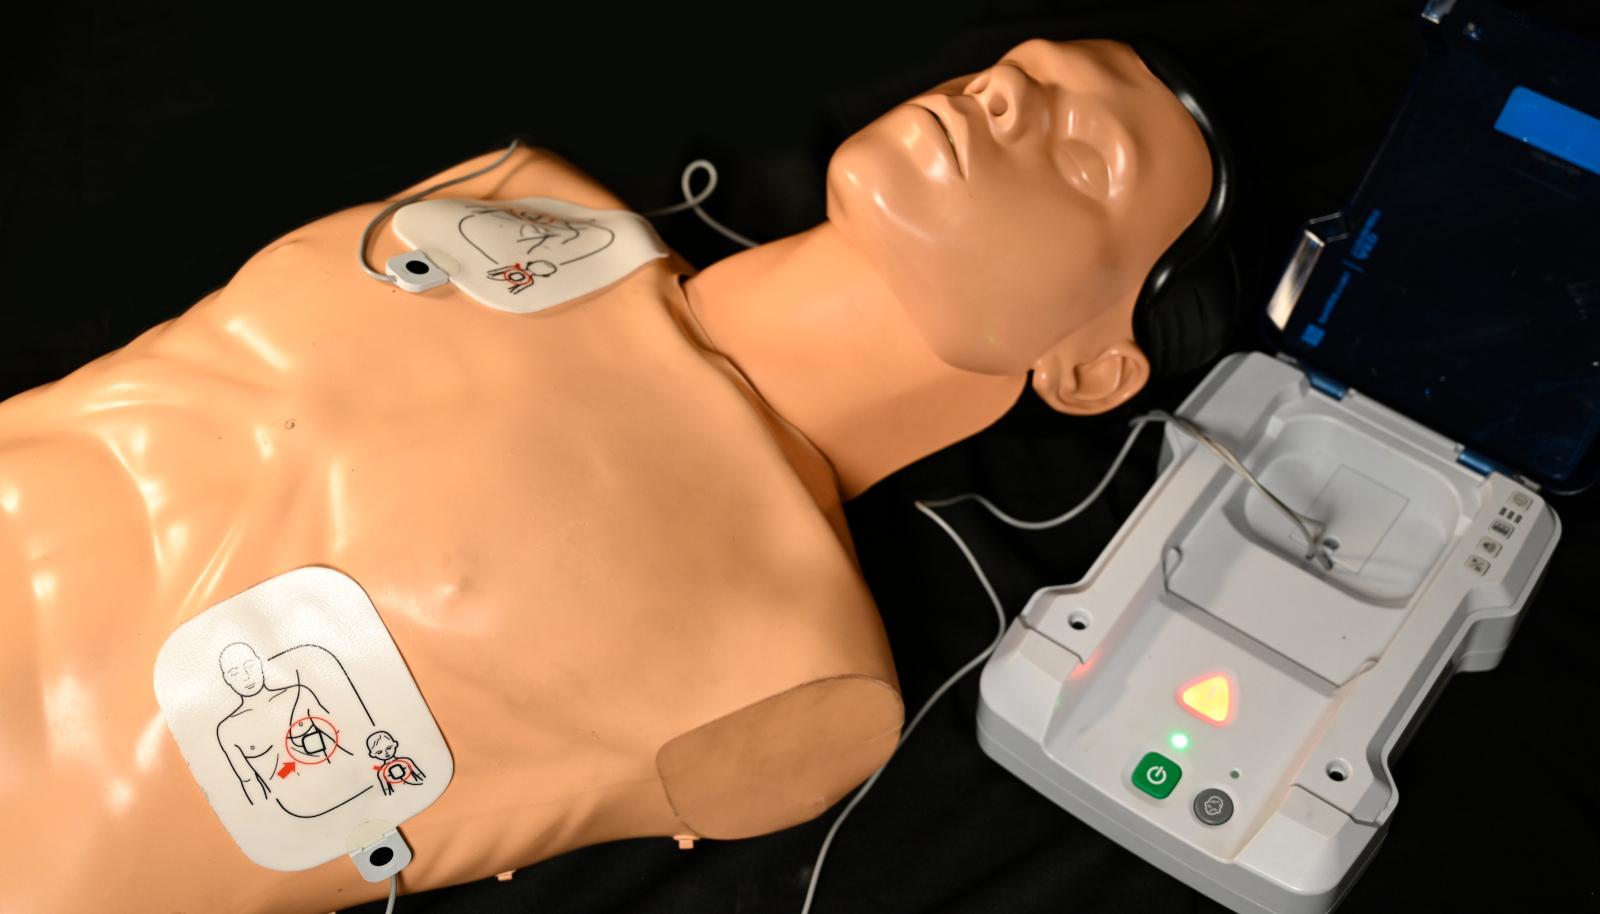 Førstehjælp ved hjertestop - E-learning